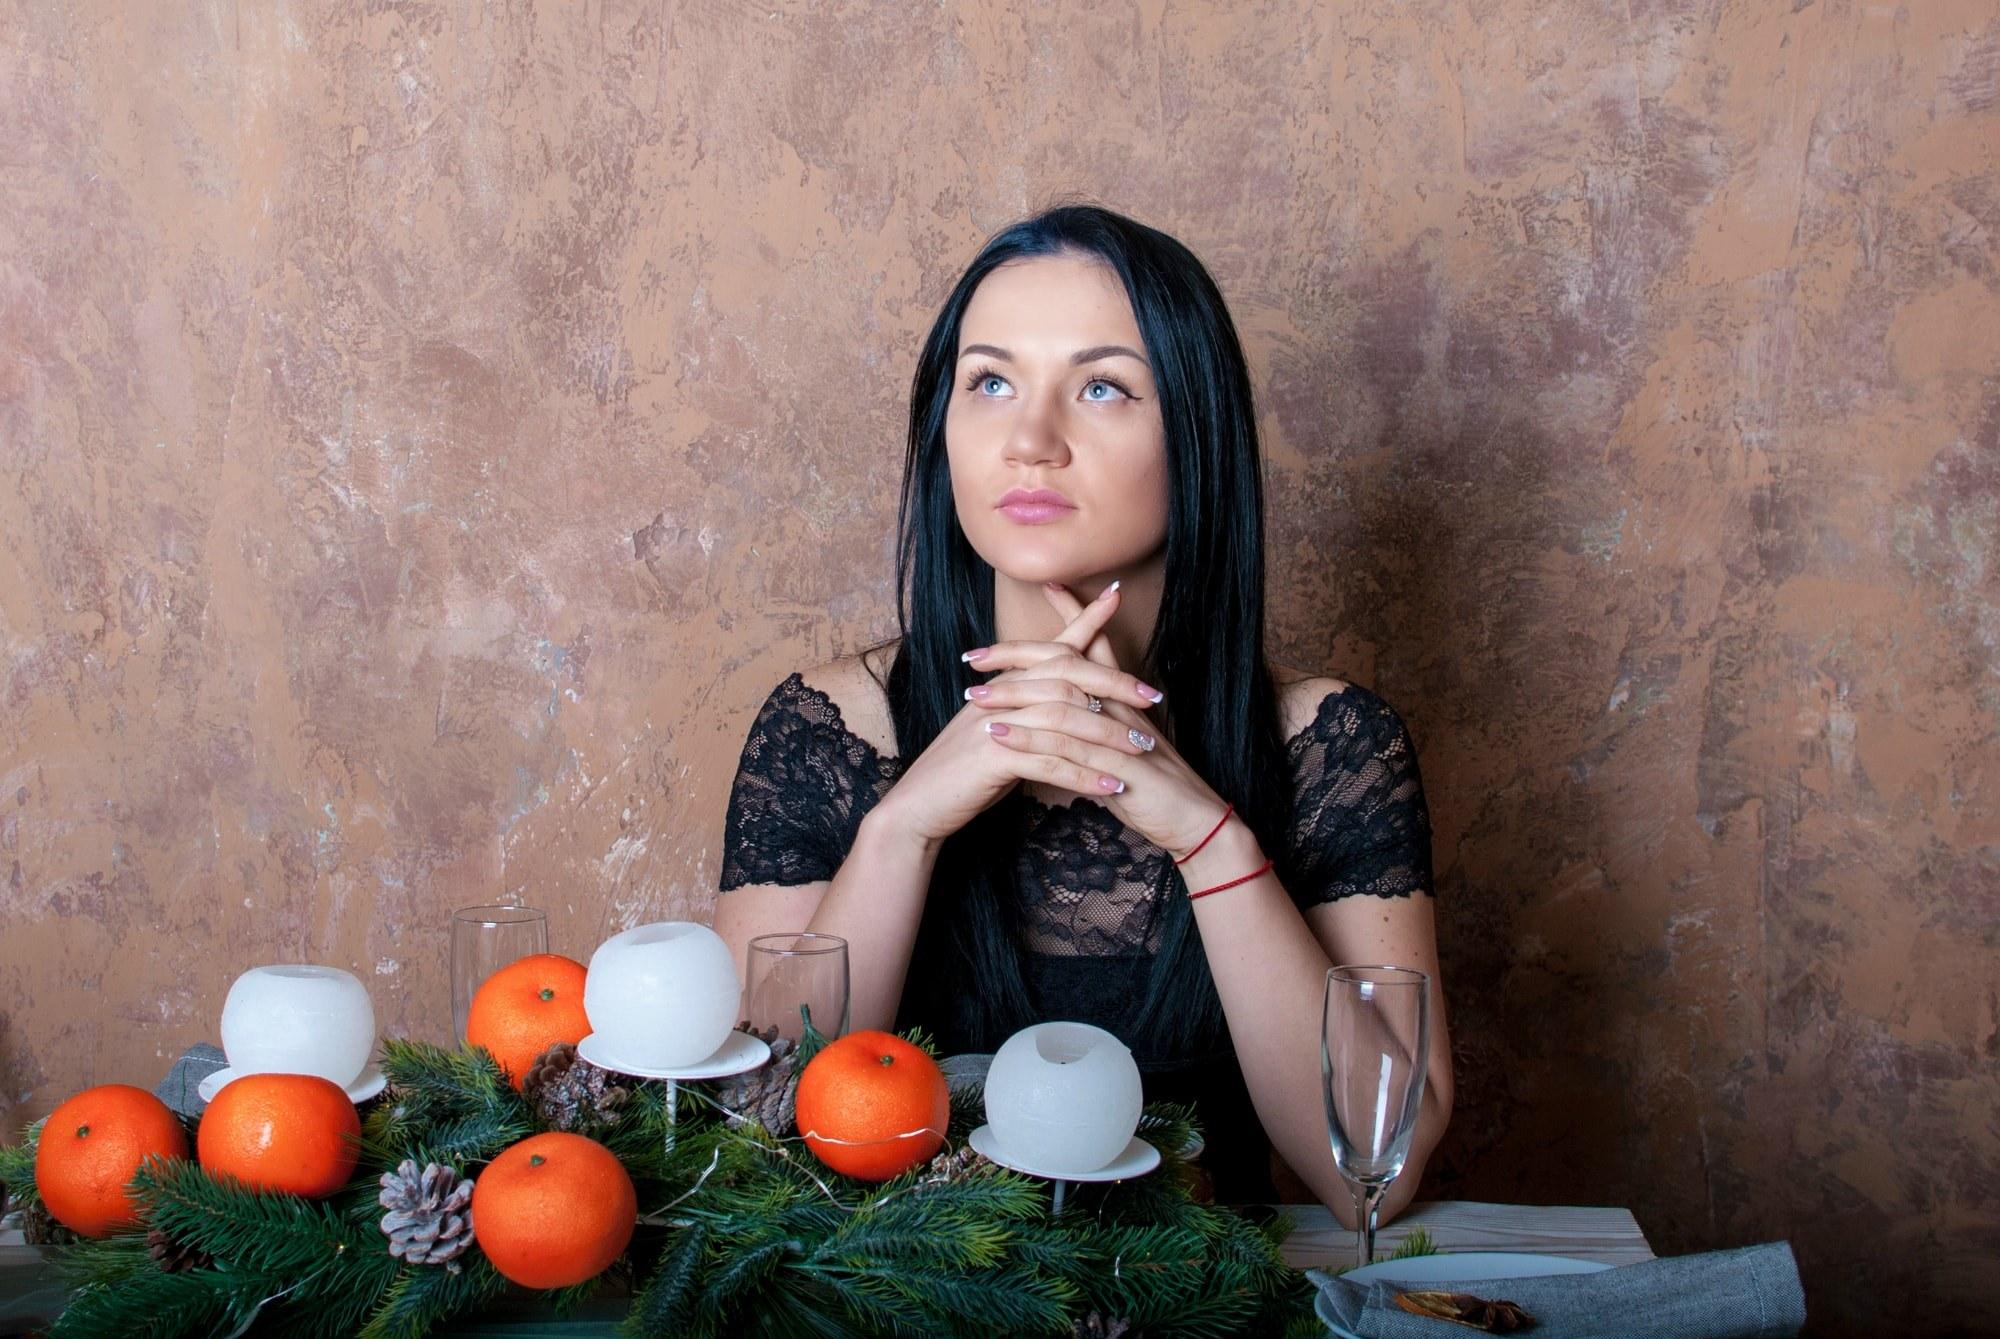 Задумчивая девушка за столом - Фотограф Киев - Женя Лайт